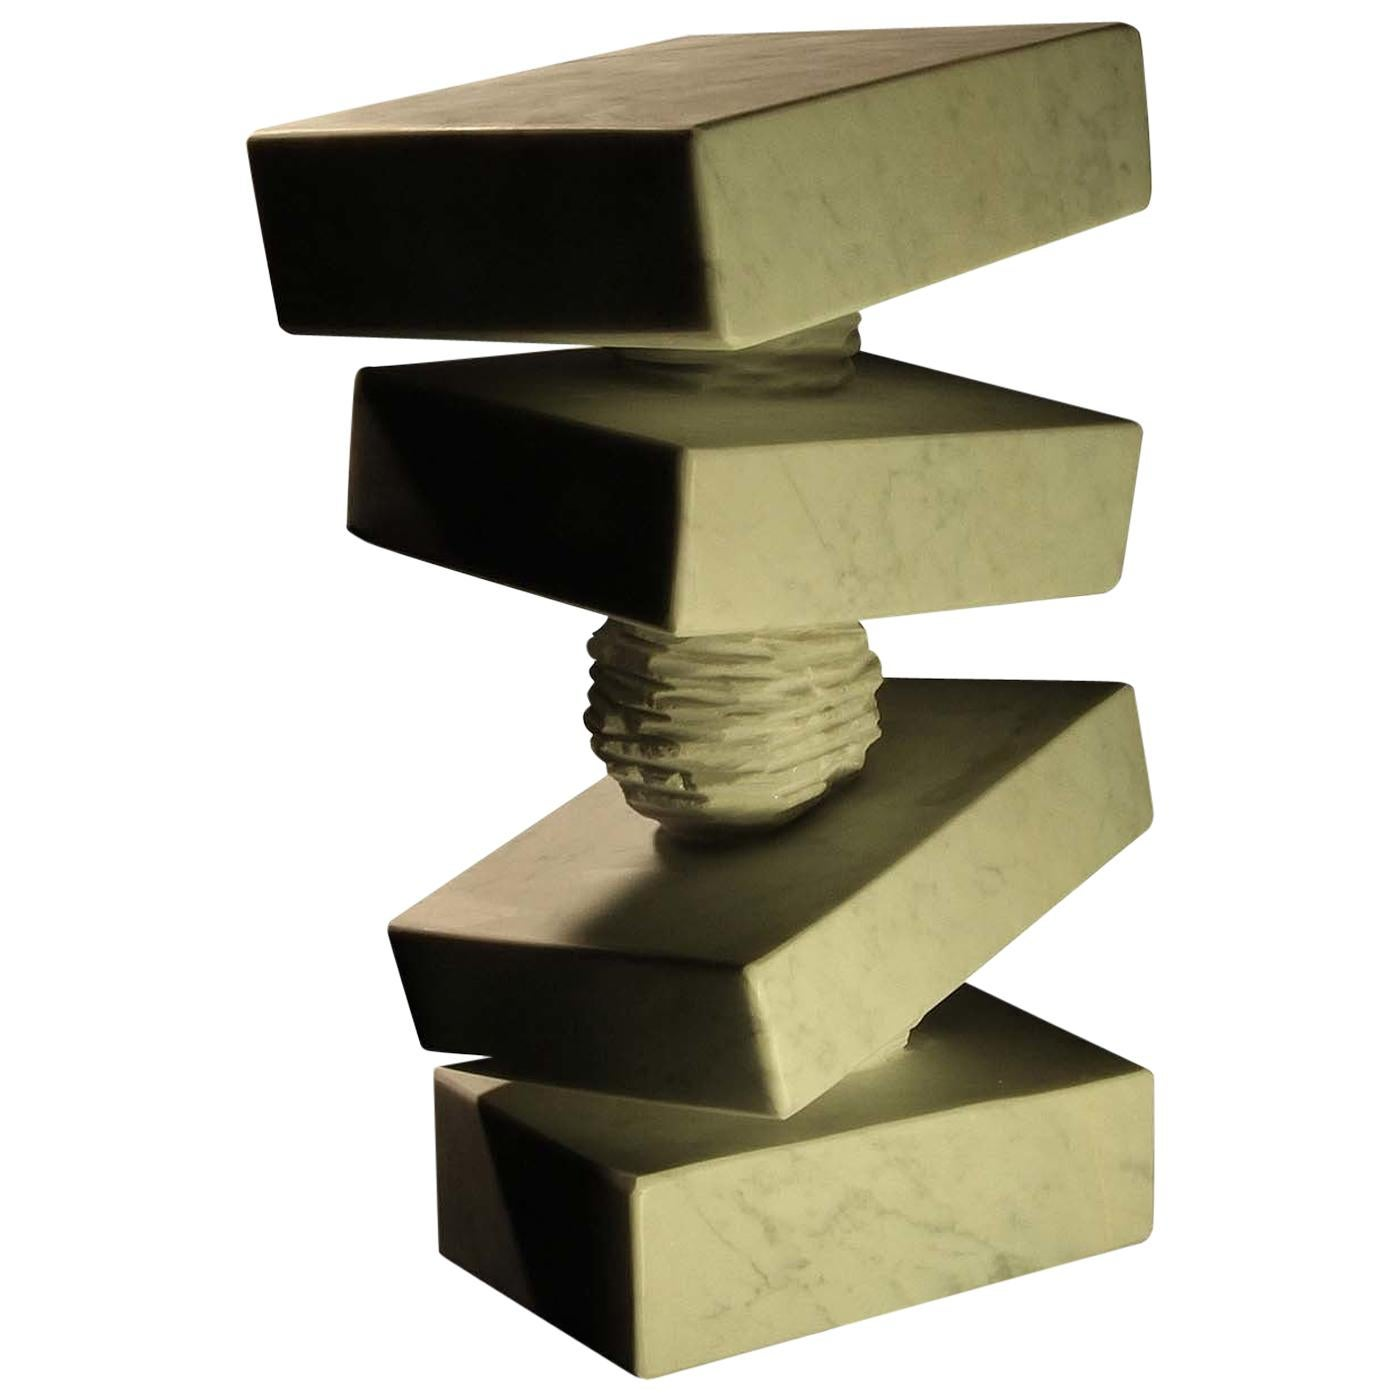 Per Iocum Librari Sculpture